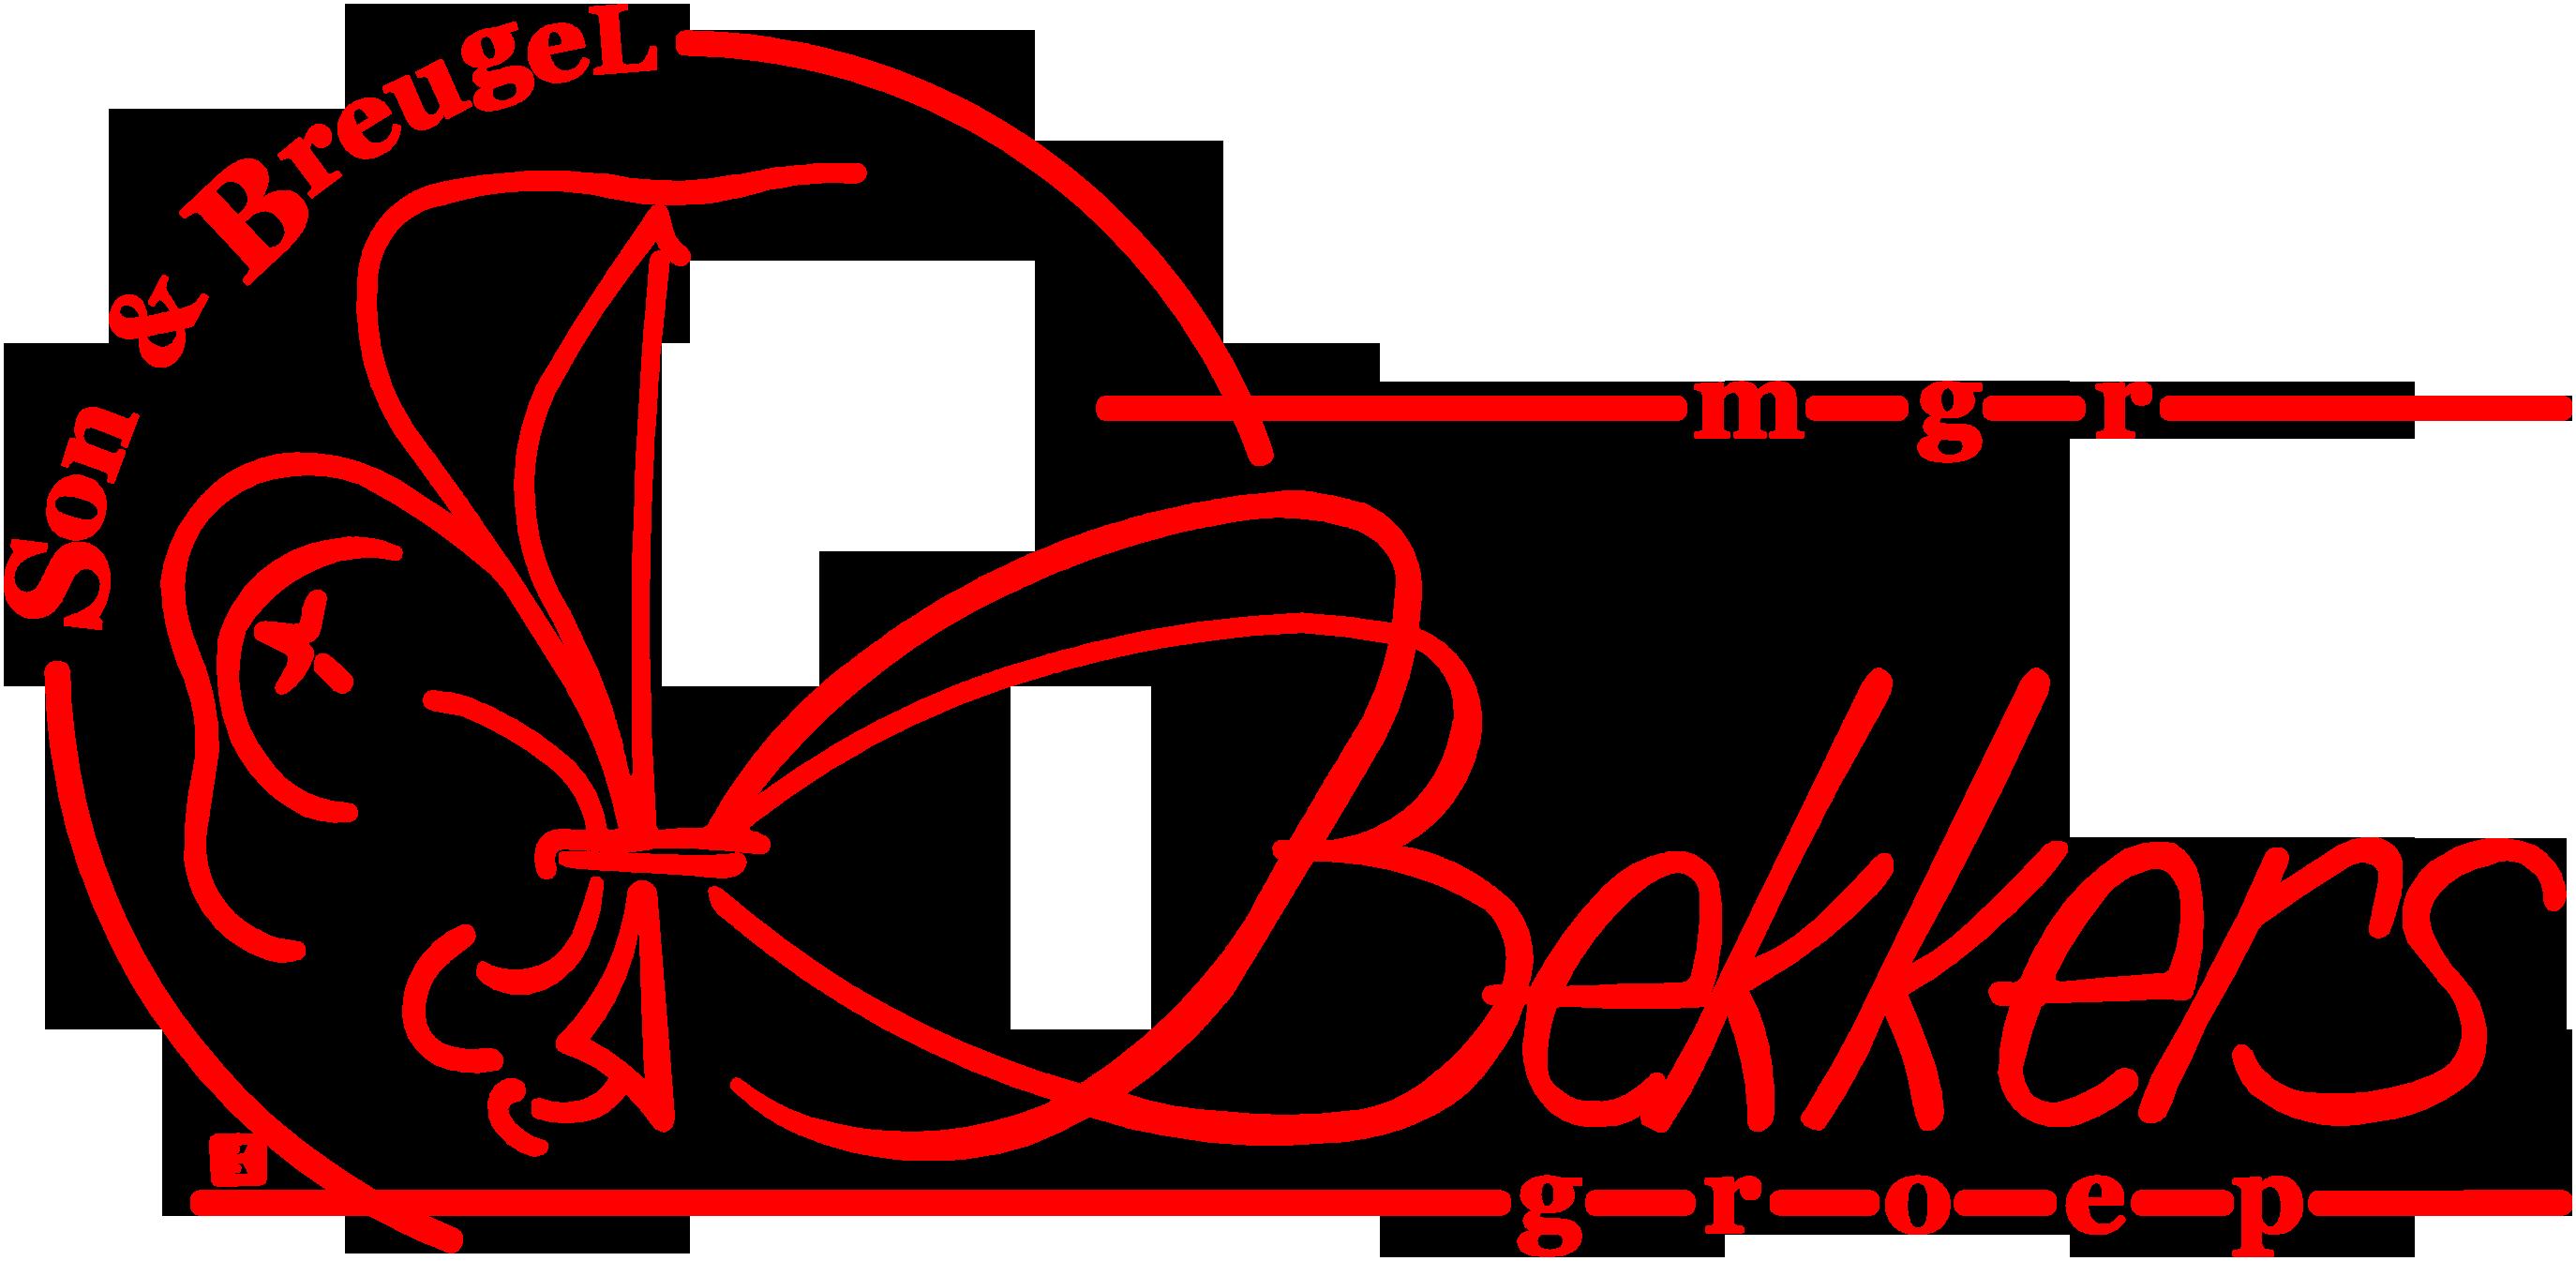 Logo Mgr. Bekkersgroep